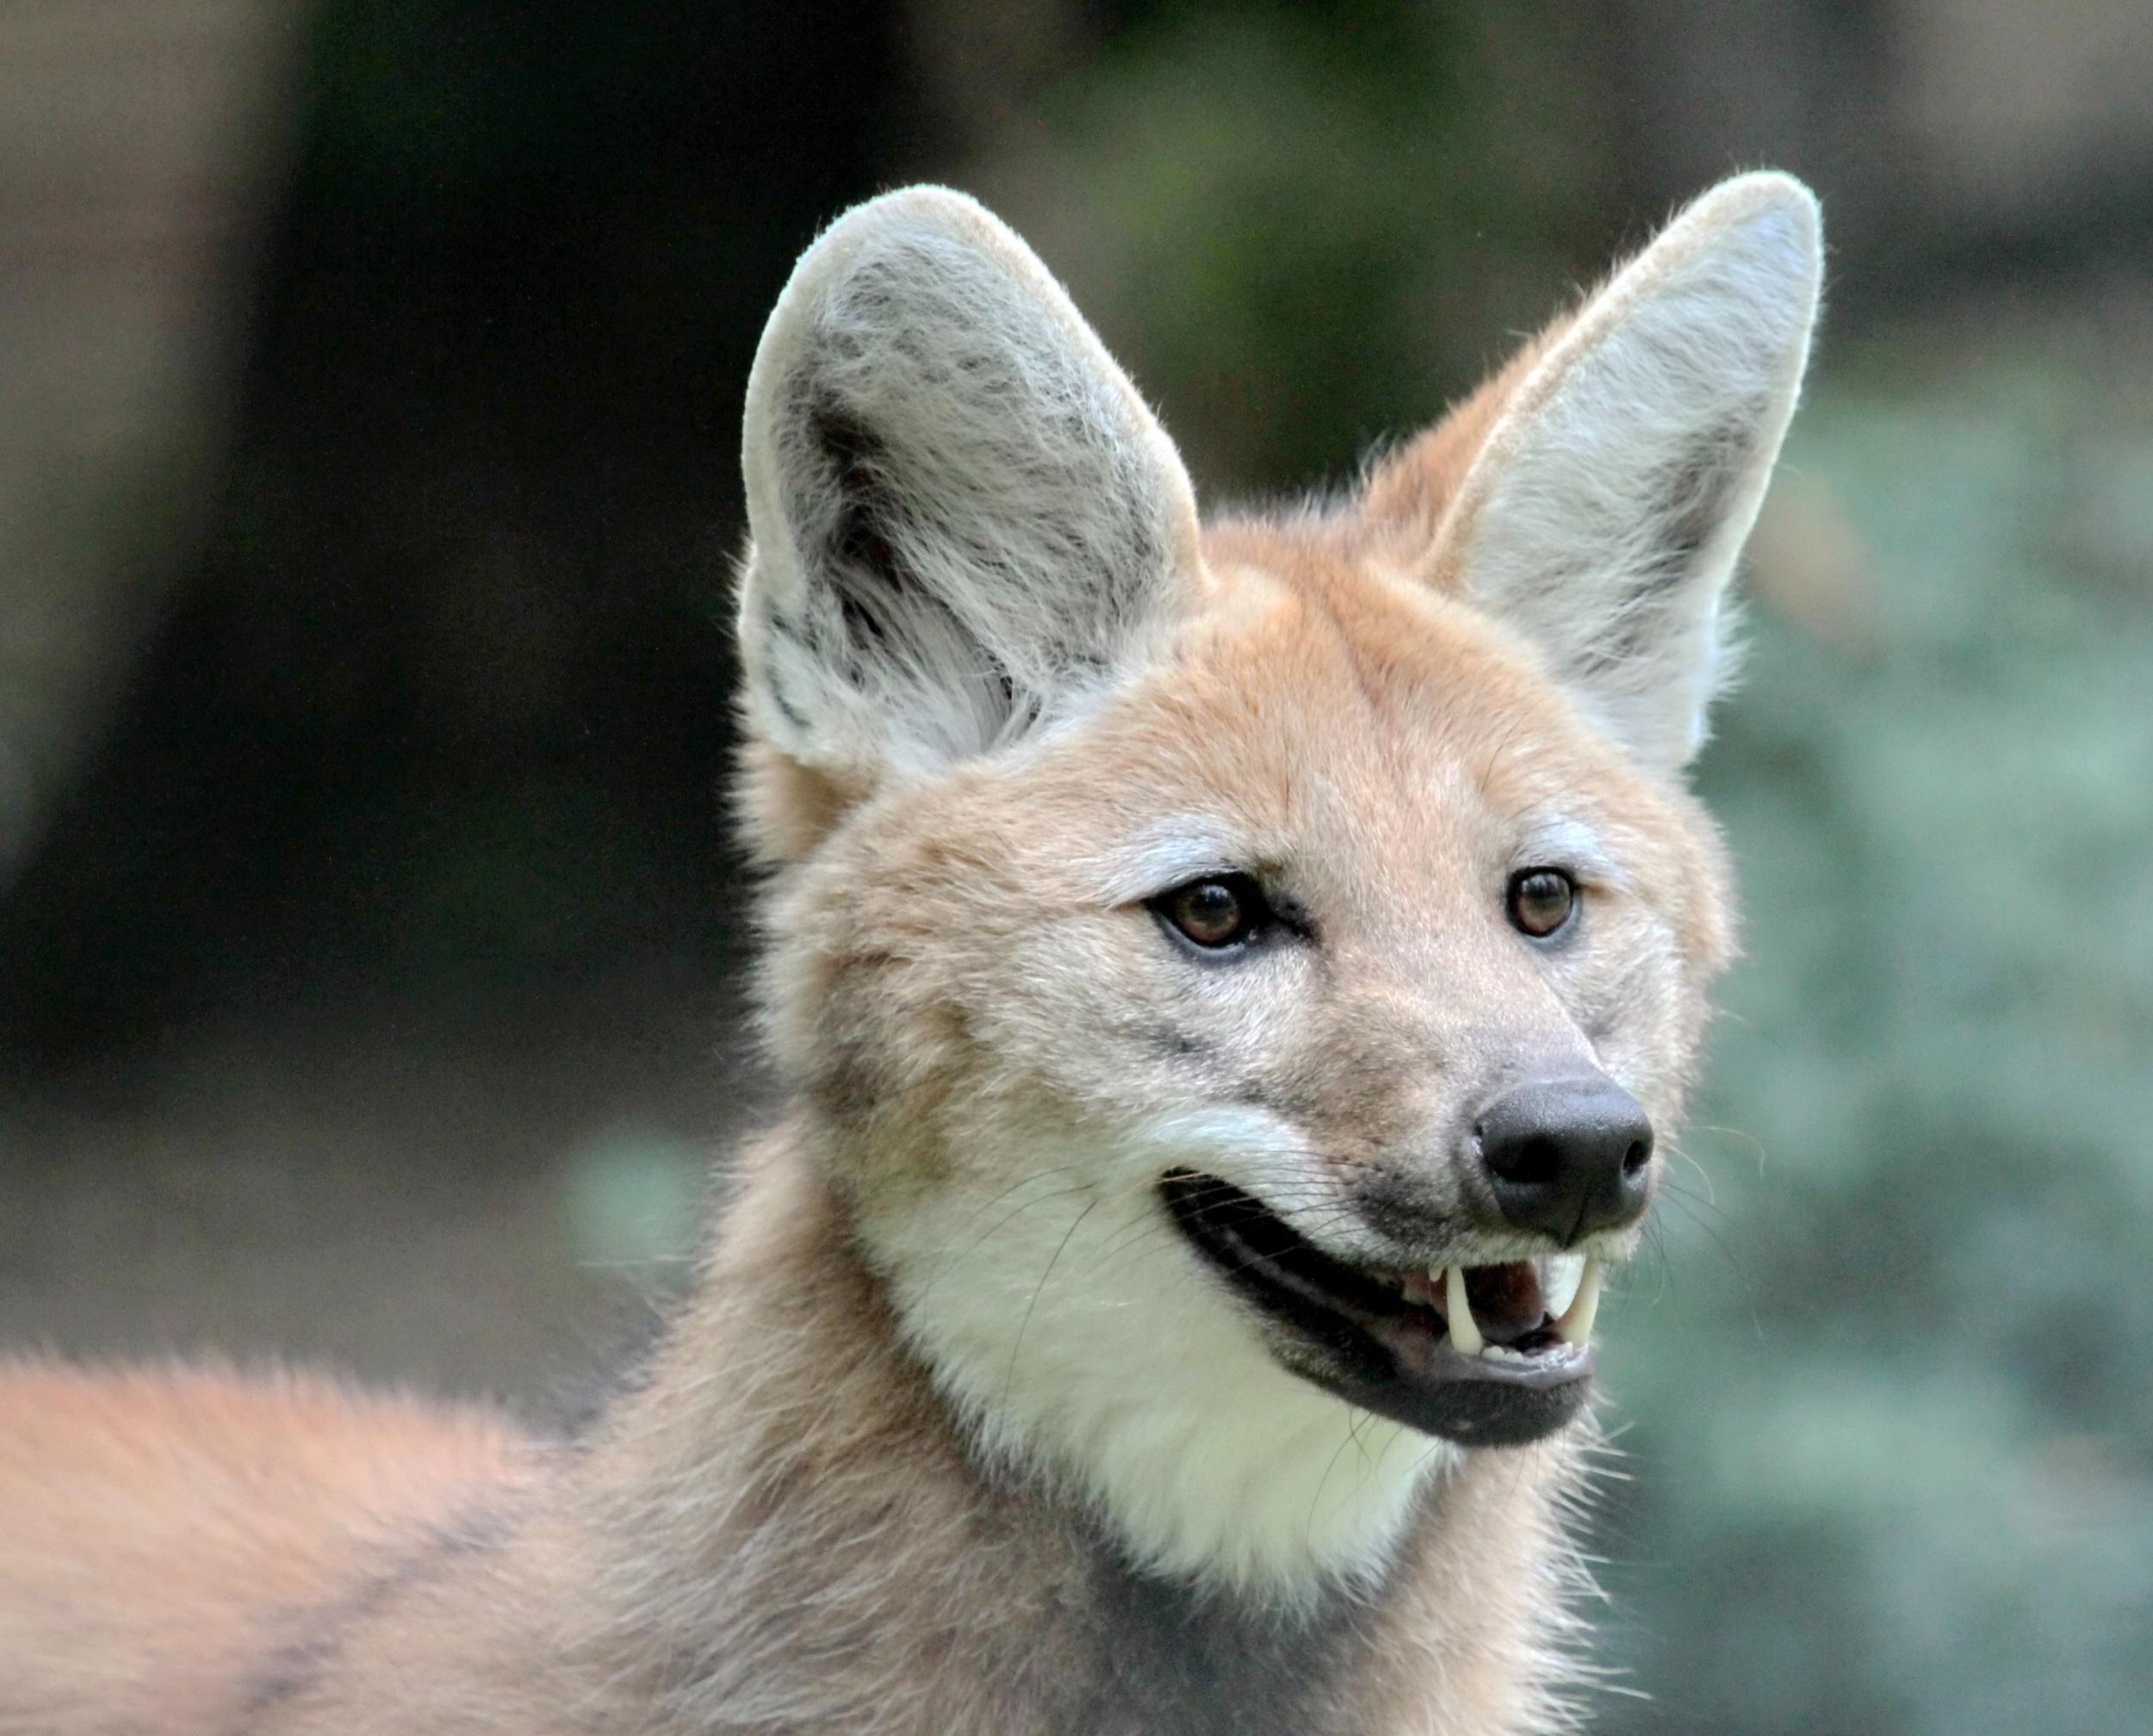 Lobo-guará - características, alimentação, ameaças, fotos - InfoEscola